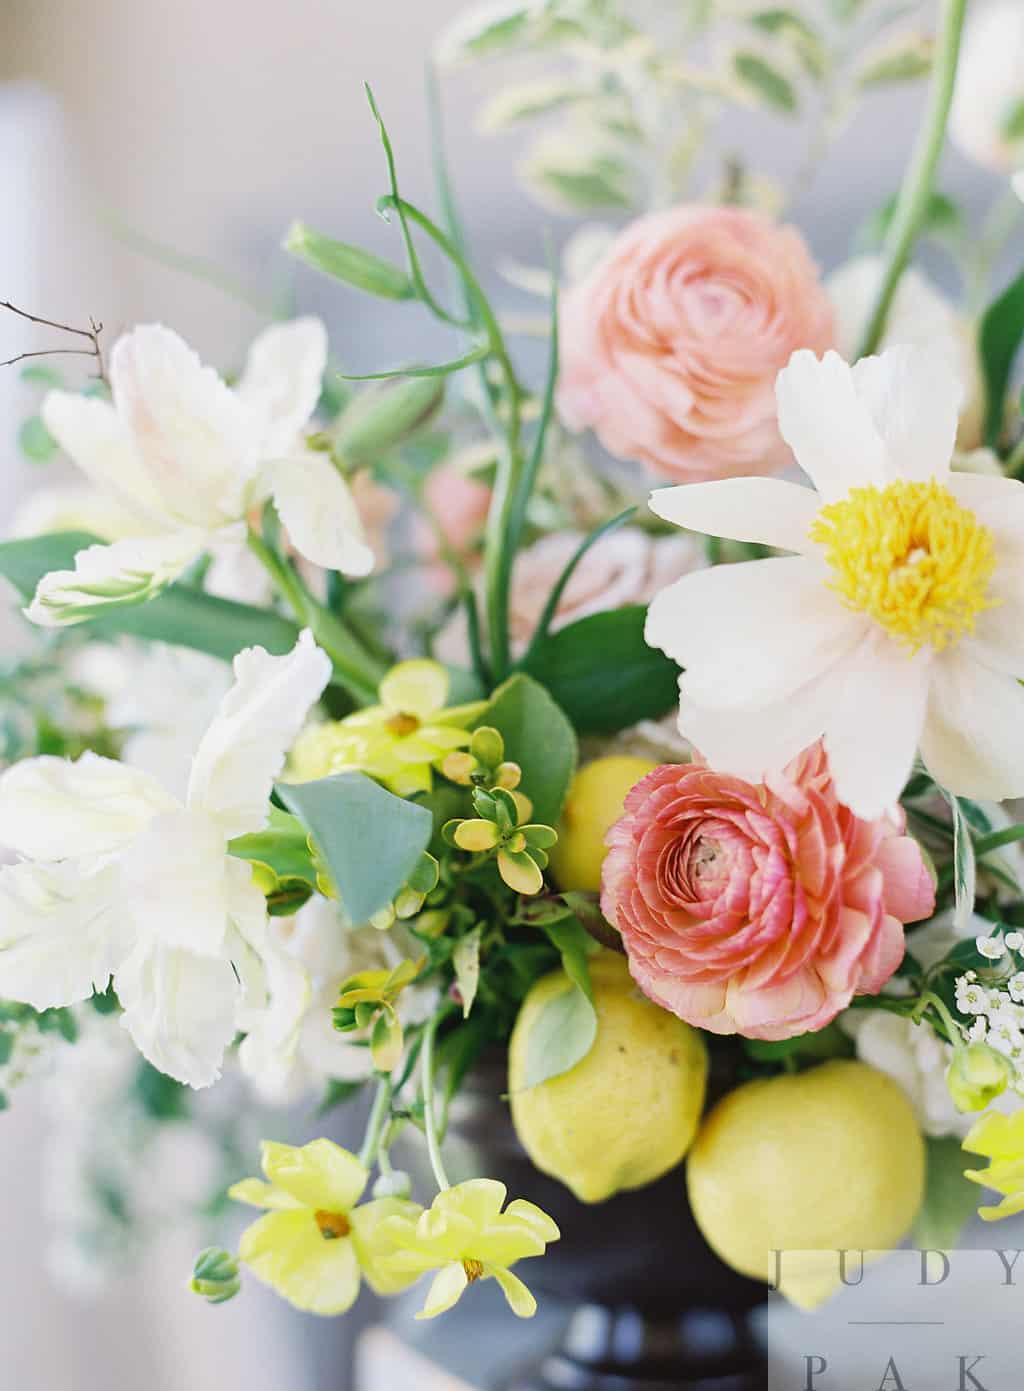 Putnam Summer Floral Workshop